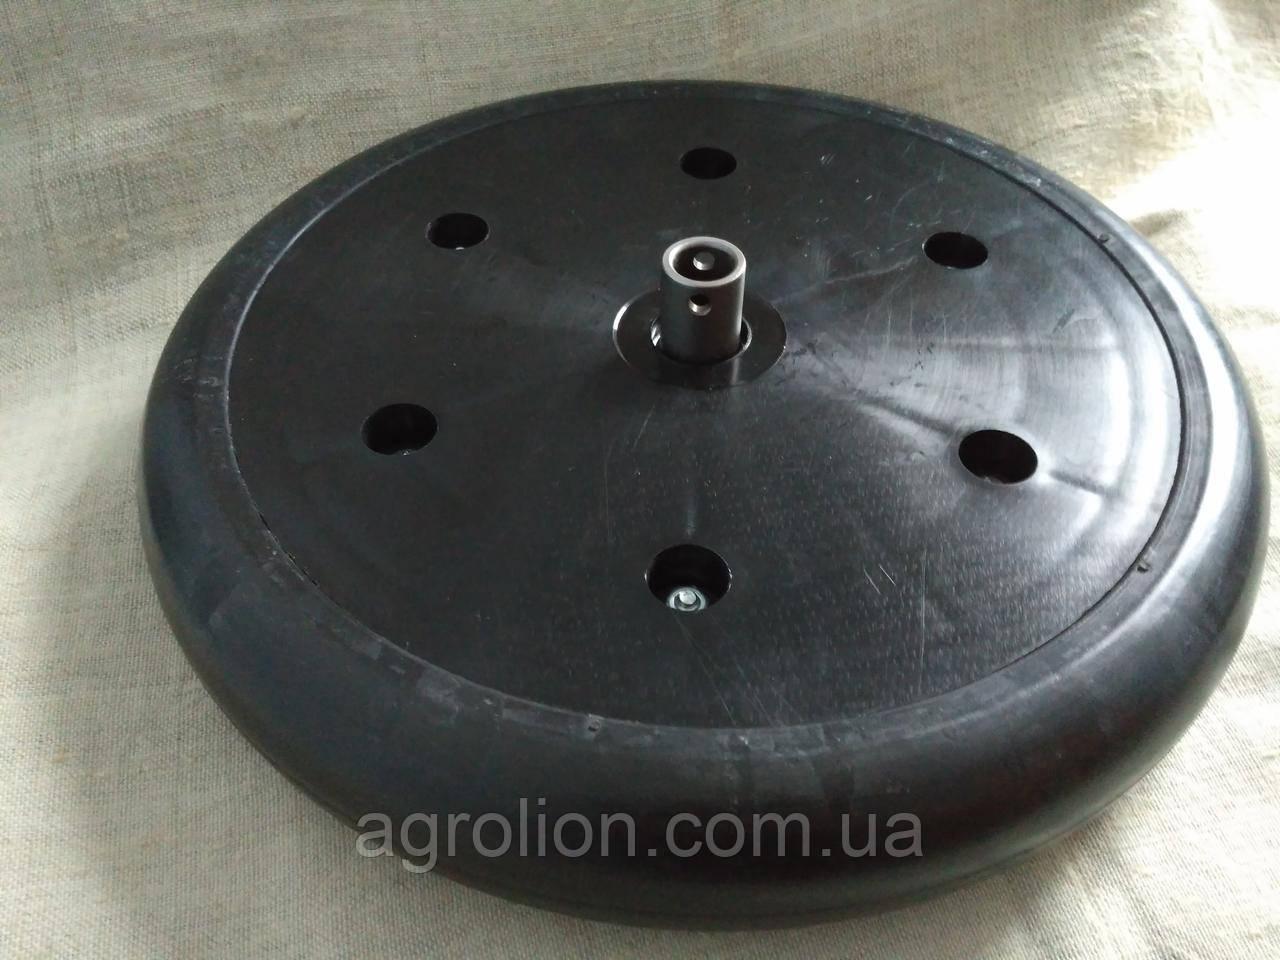 """Прикотуюче колесо в зборі ( диск поліамід) 2"""" x 13"""" F06120440 Gaspardo."""